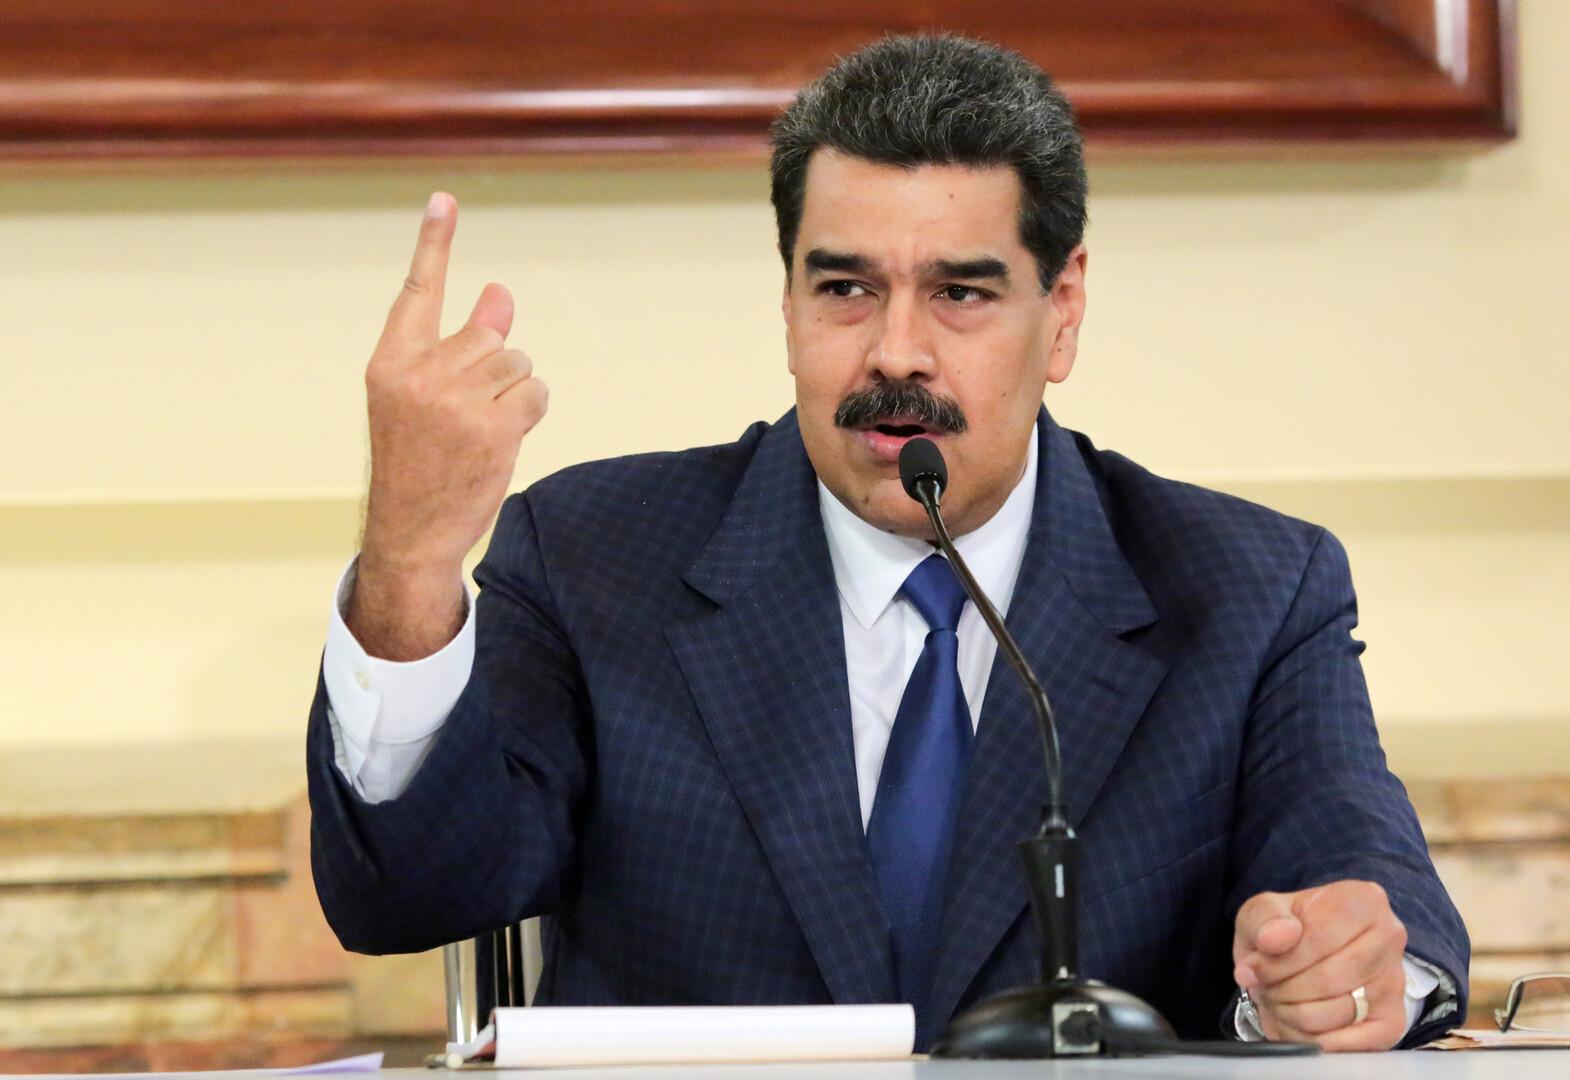 مادورو: سأعيش 100 عام  بفضل العناية الإلهية!